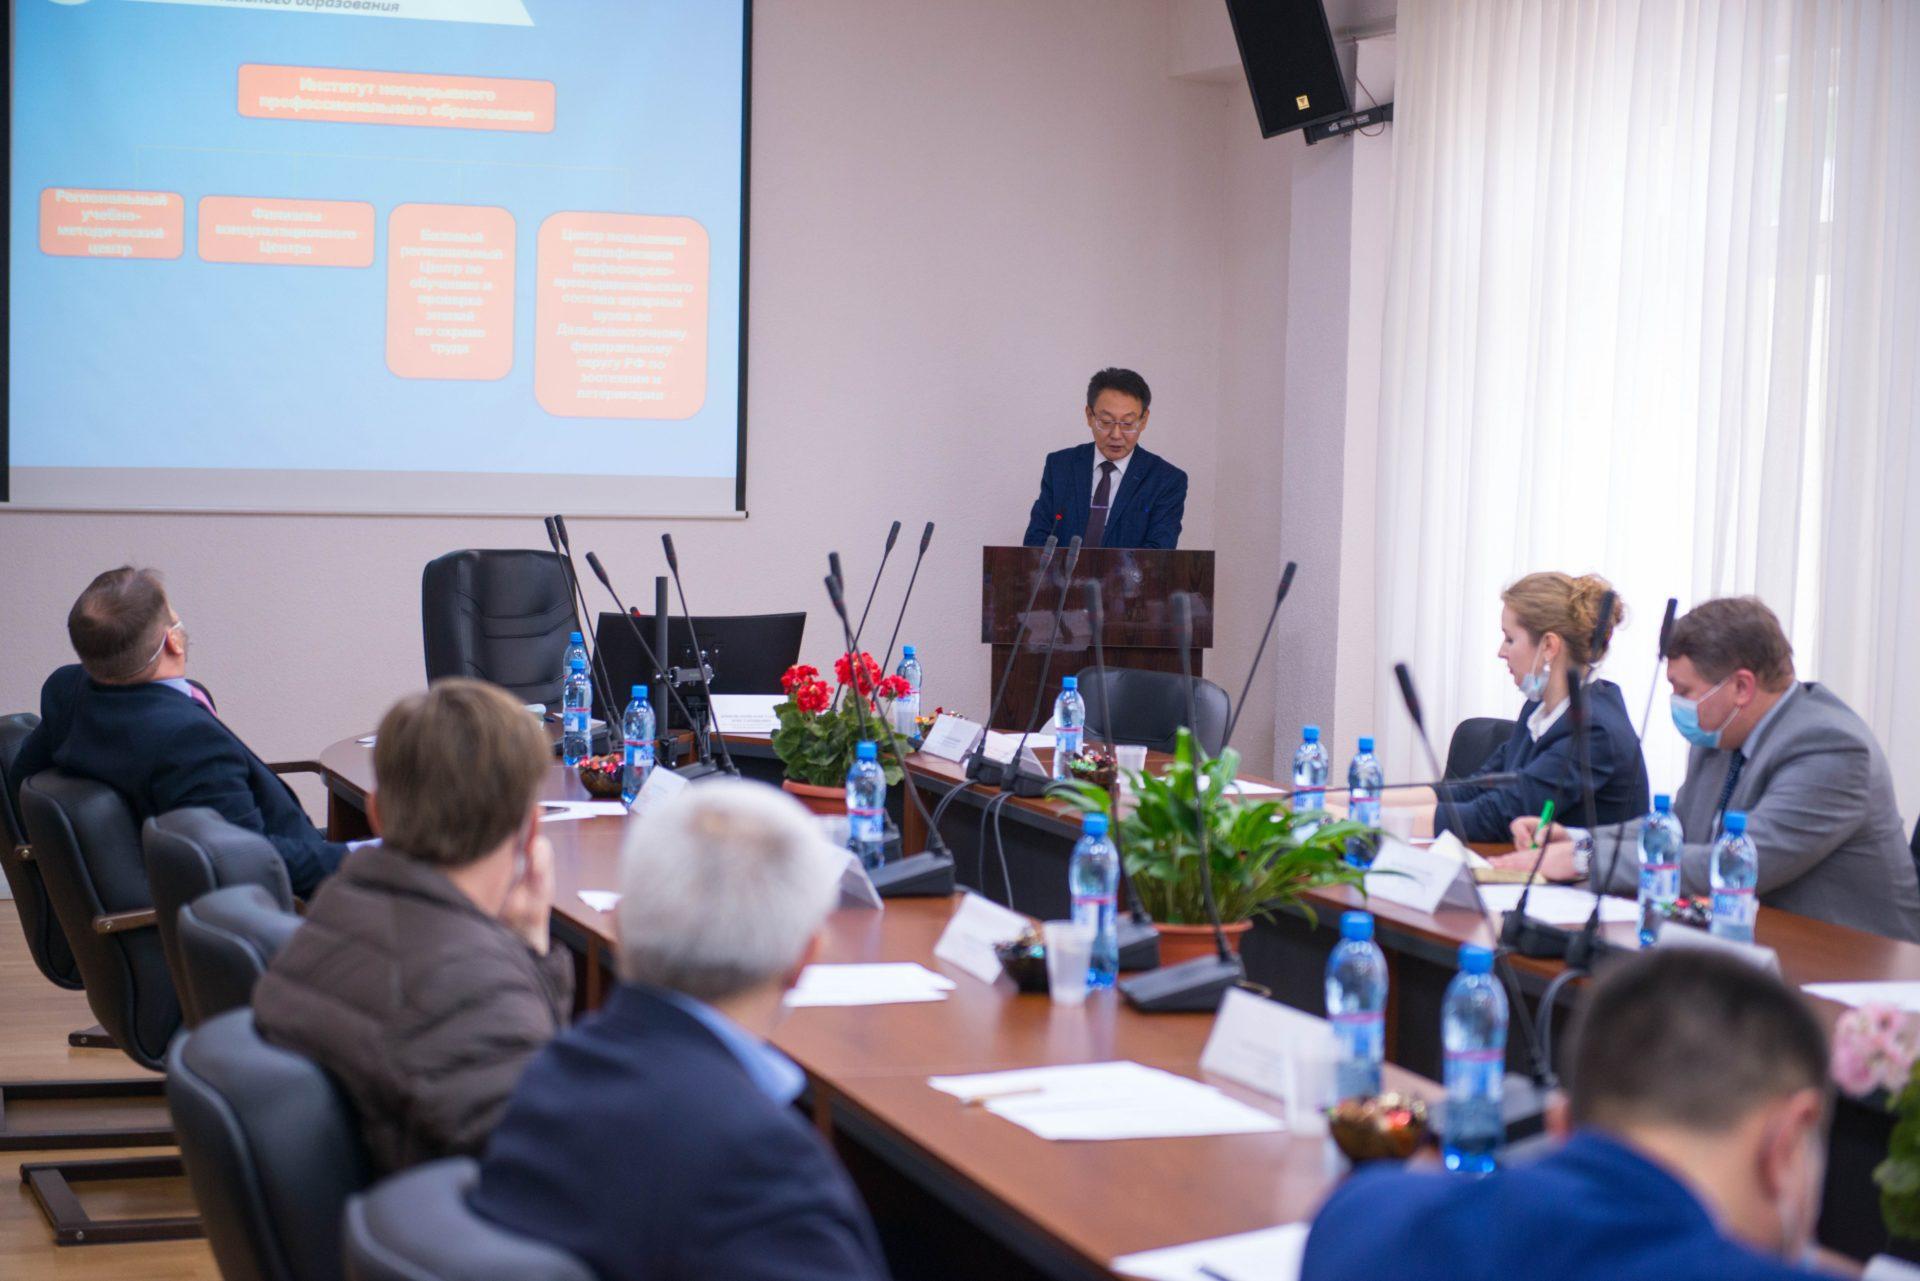 В АГАТУ прошел круглый стол с участием делегации из Санкт-Петербурга